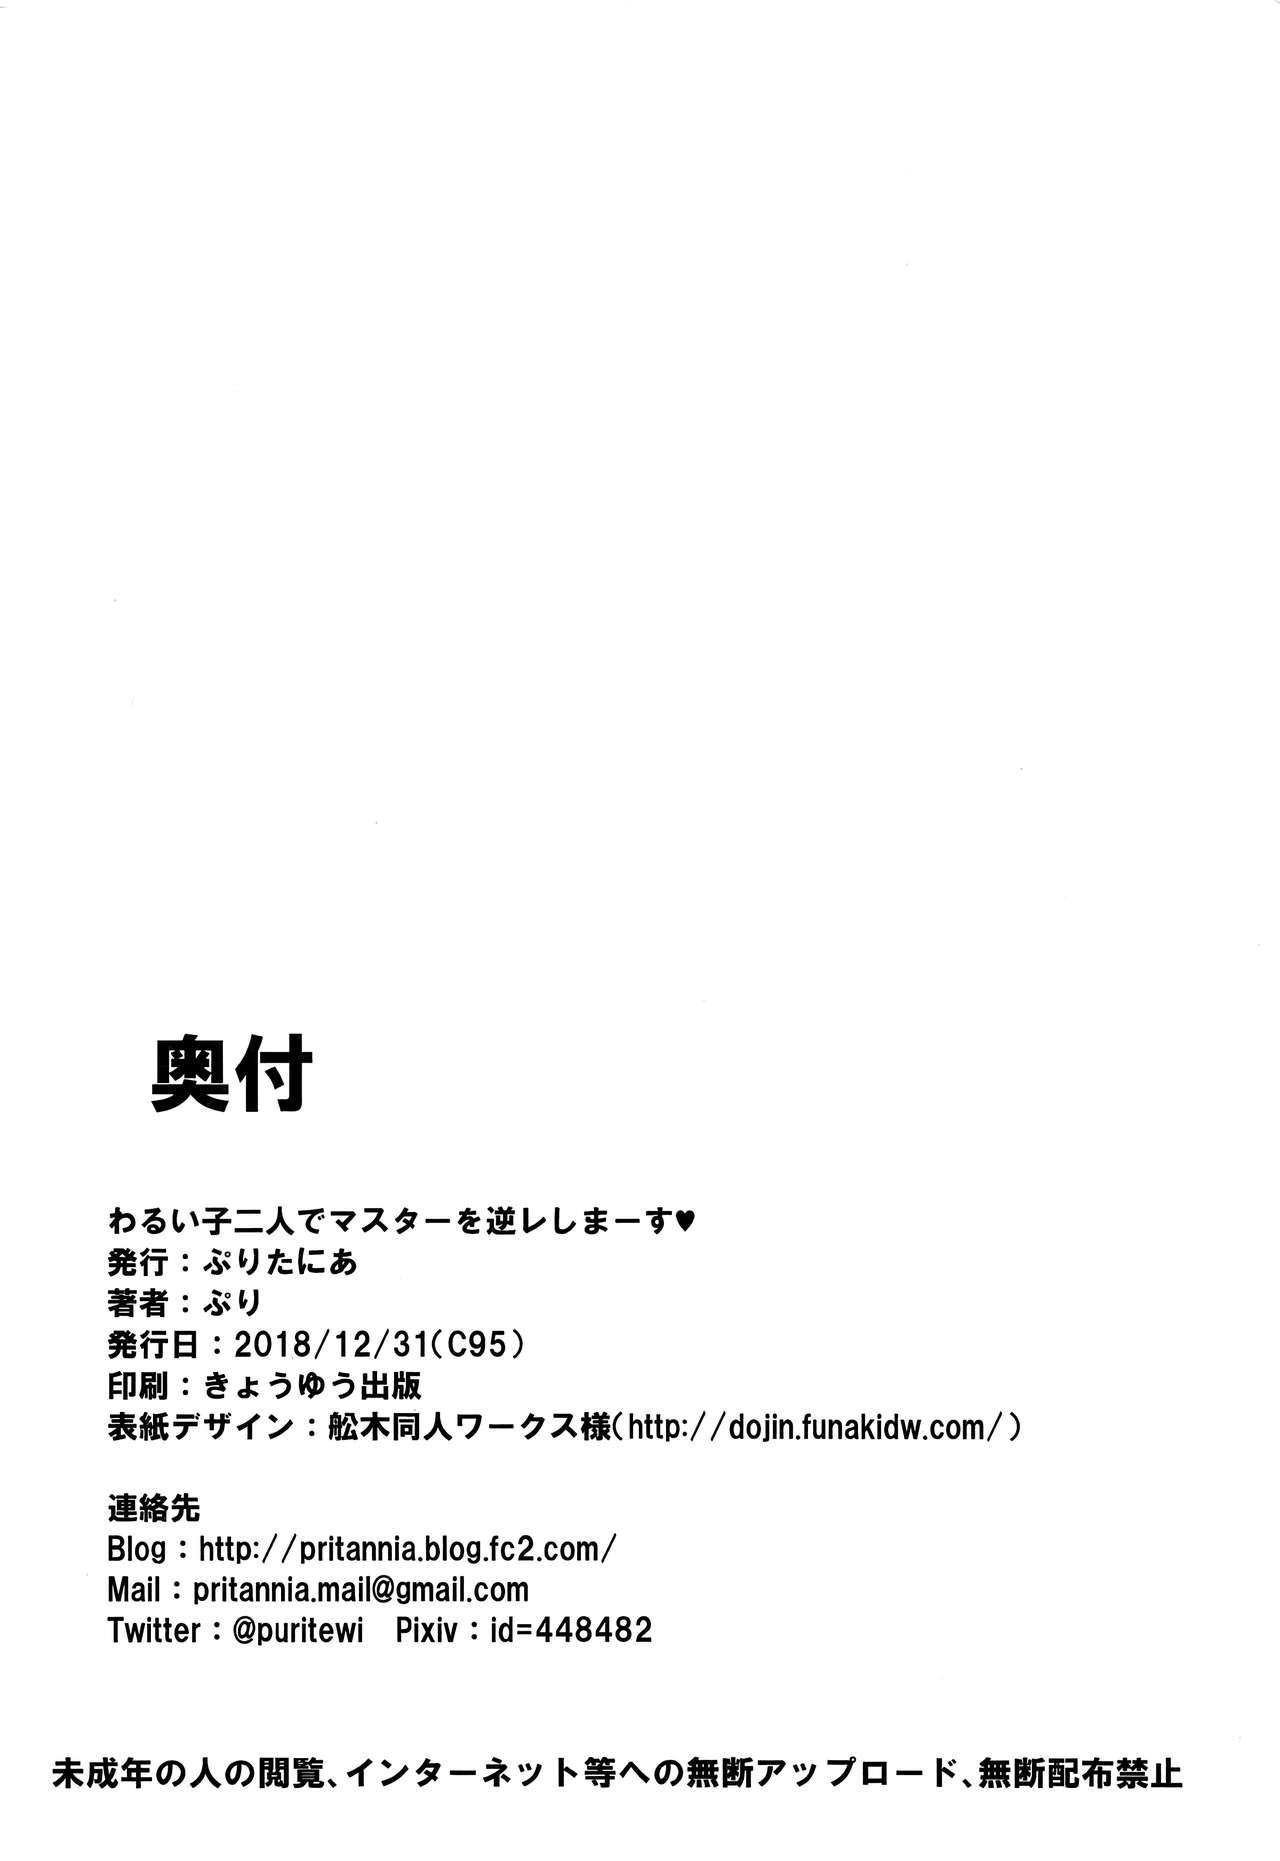 waruiko futari de master wo GYAKURE shima-su.   Two Baaad Girls Reverse Rape Their Master. 21